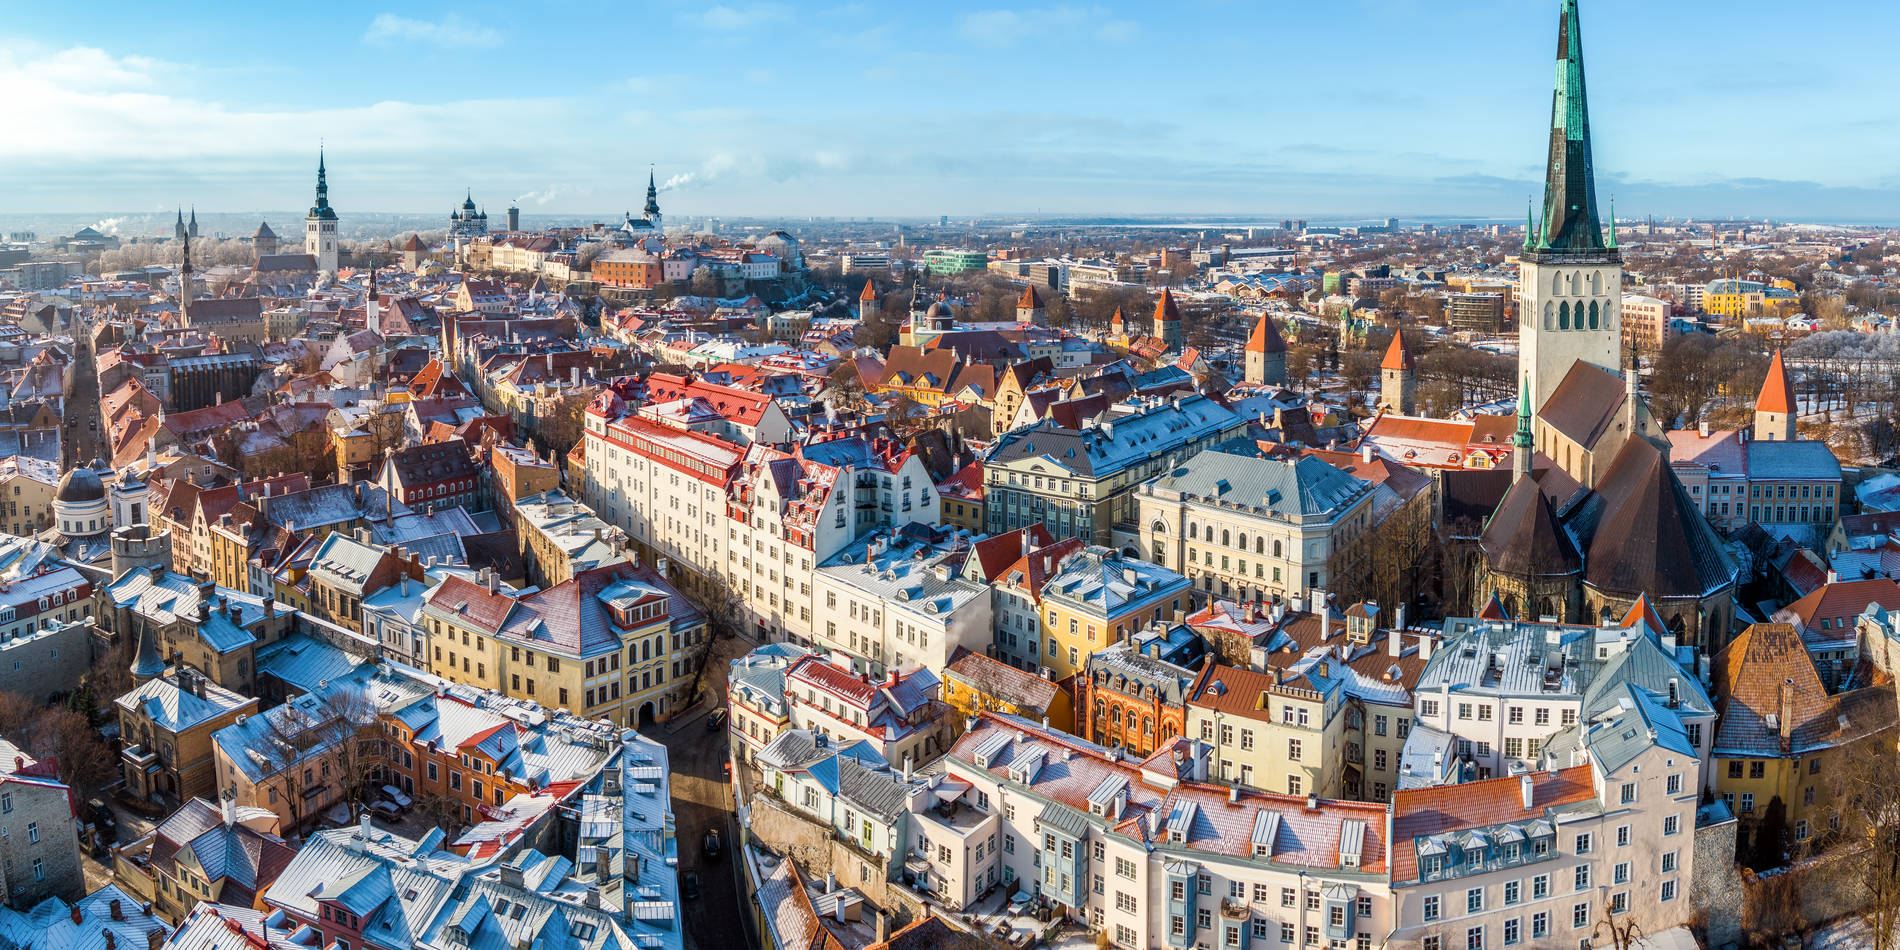 Tallinn among the best conference destinations - News - Tallinn